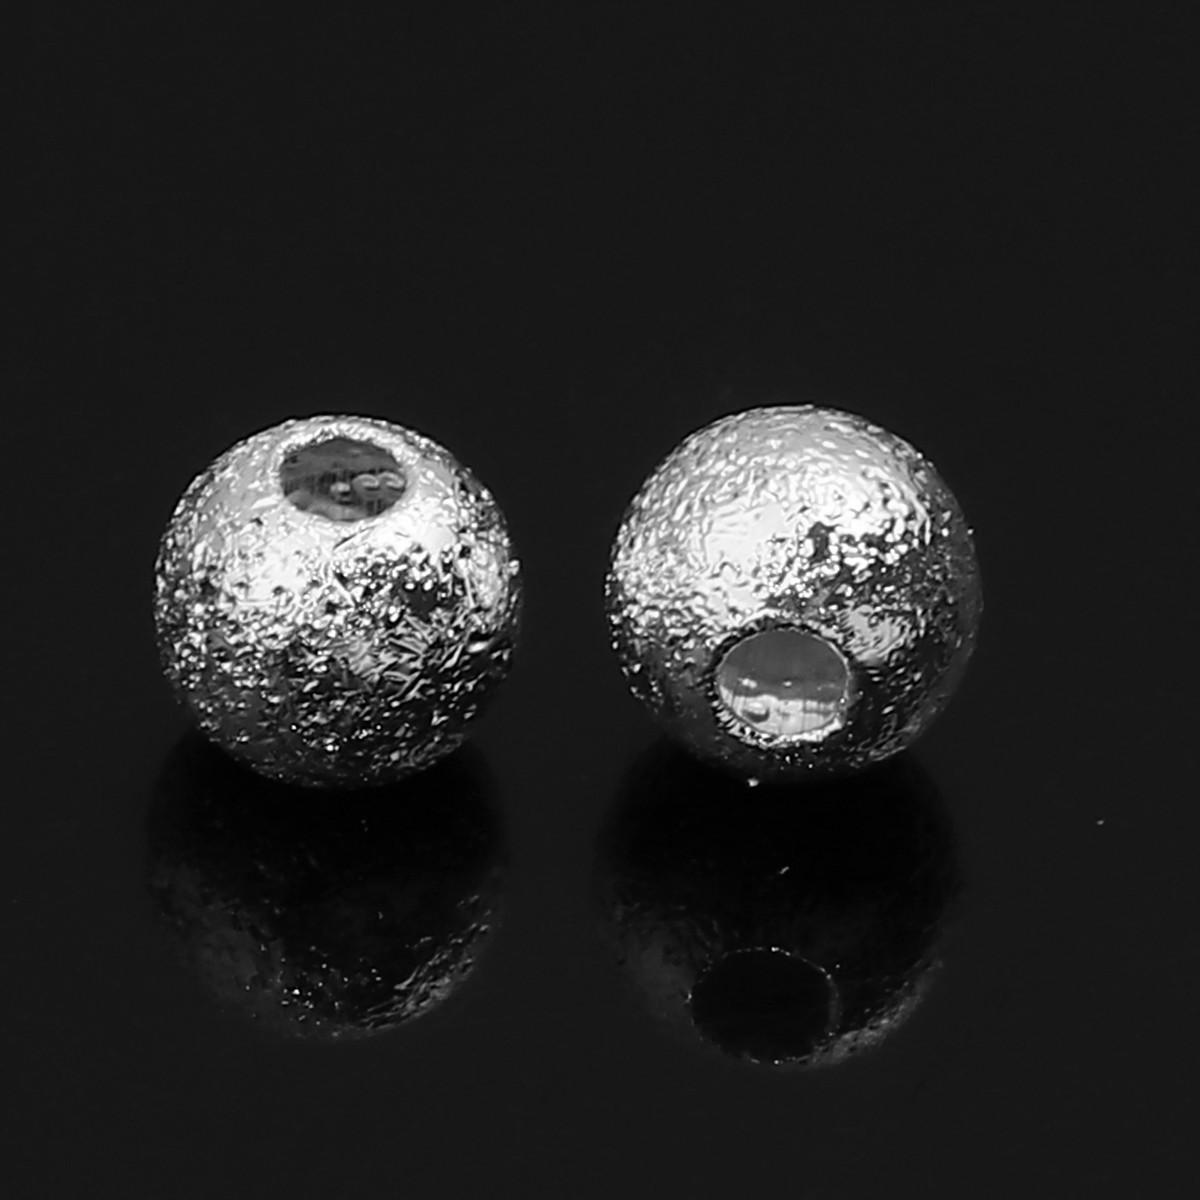 Бусина, Рыхлая, Медь, Cфера, Цвет: Серебряный тон, 5 мм диаметр, 1.3 мм